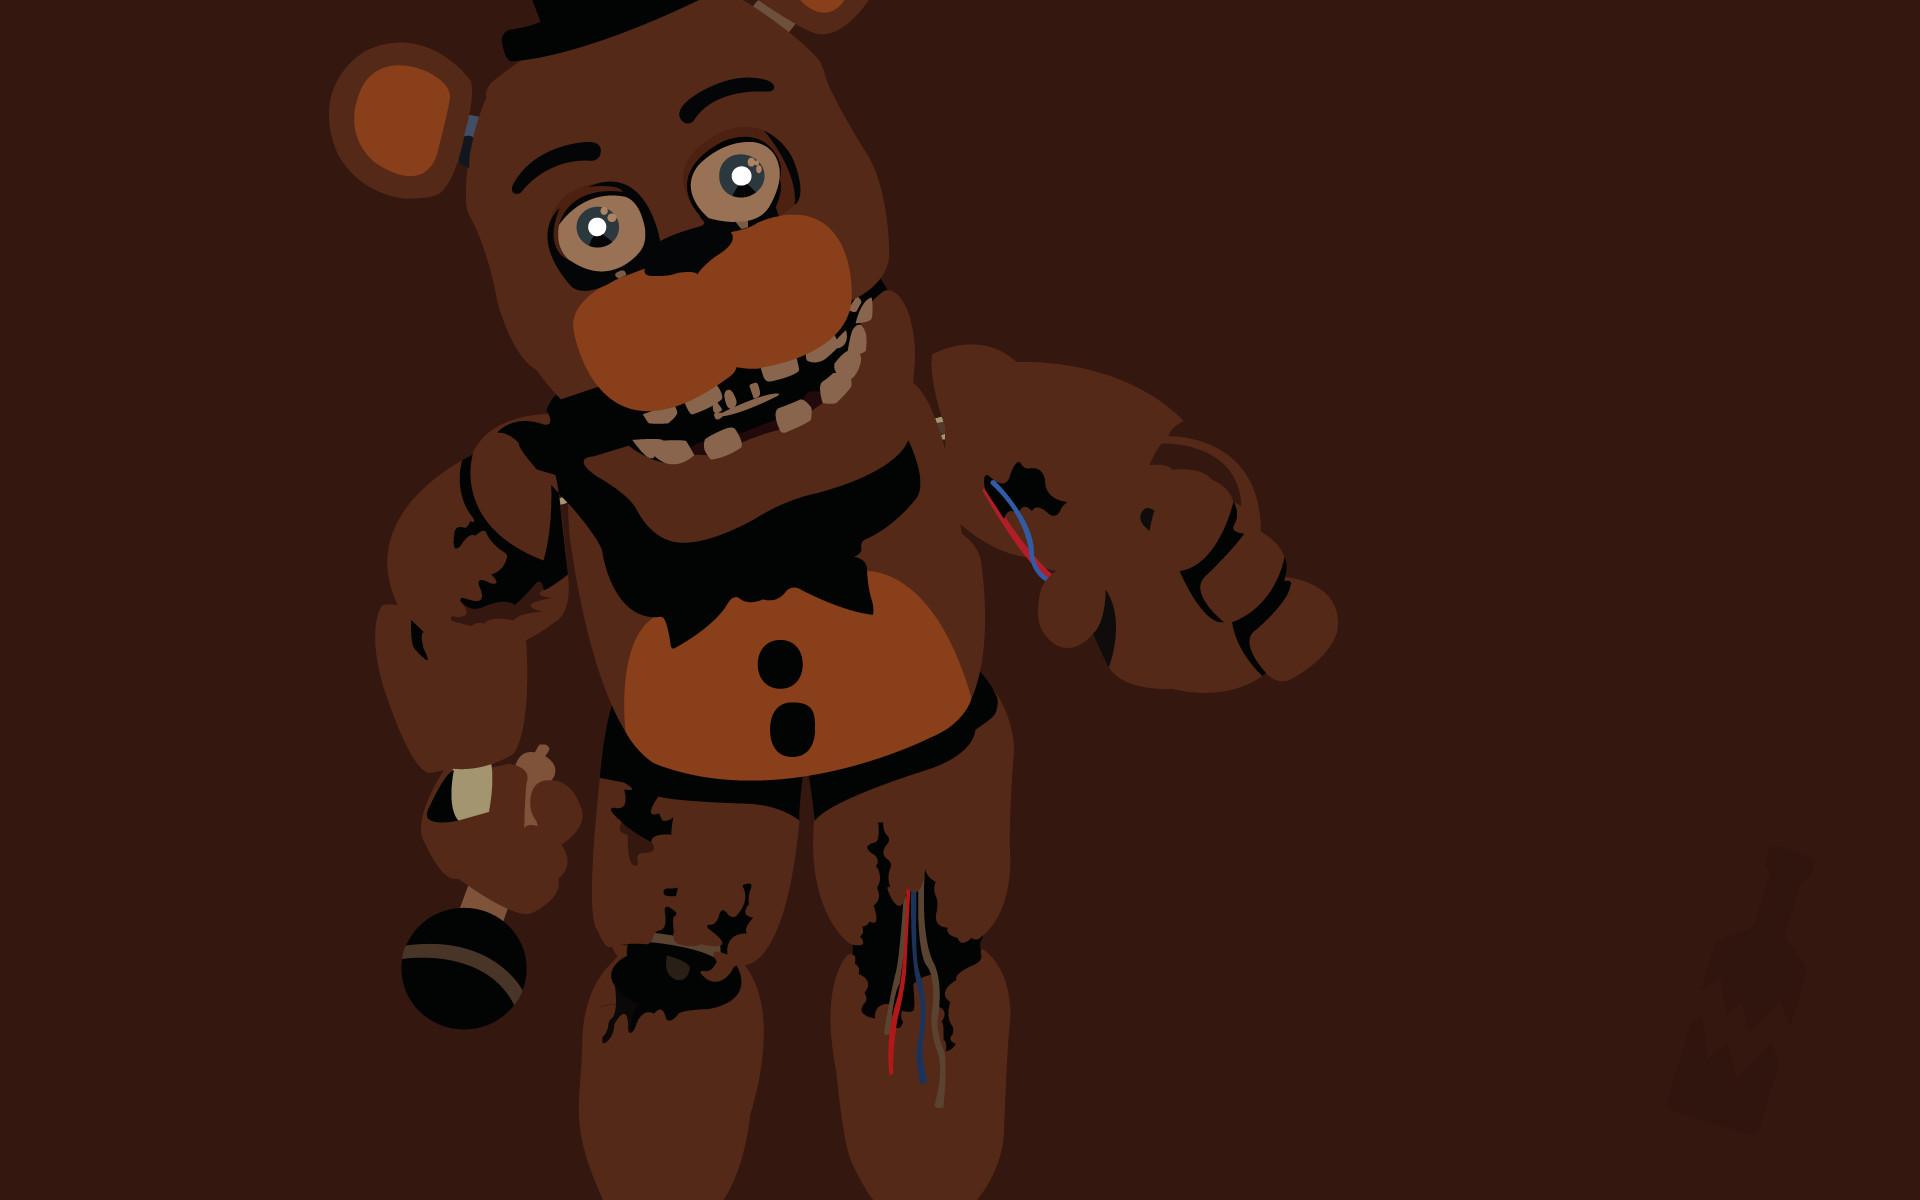 … Five Nights At Freddy's – Freddy Fazbear by TheBrokenBottle